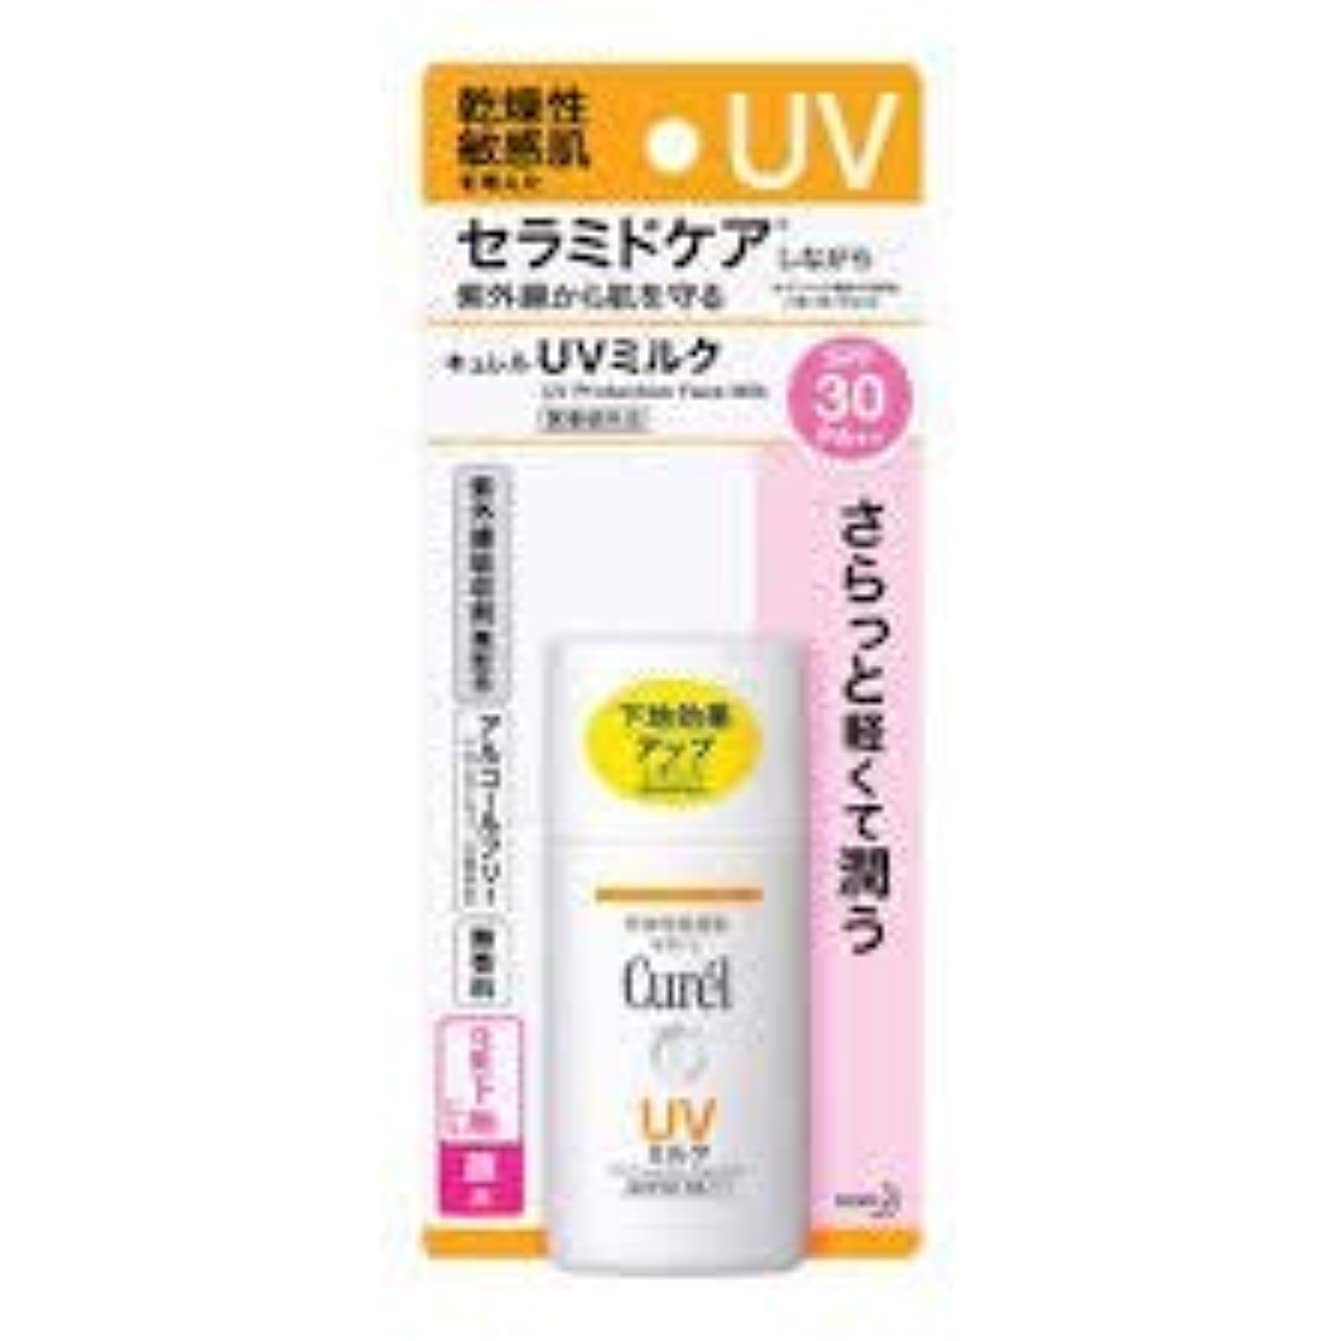 タブレット仮定、想定。推測太字Curél キュレルUVプロテクトミルク顔SPF3030のグラム - 皮膚に紫外線によるダメージを防ぎます